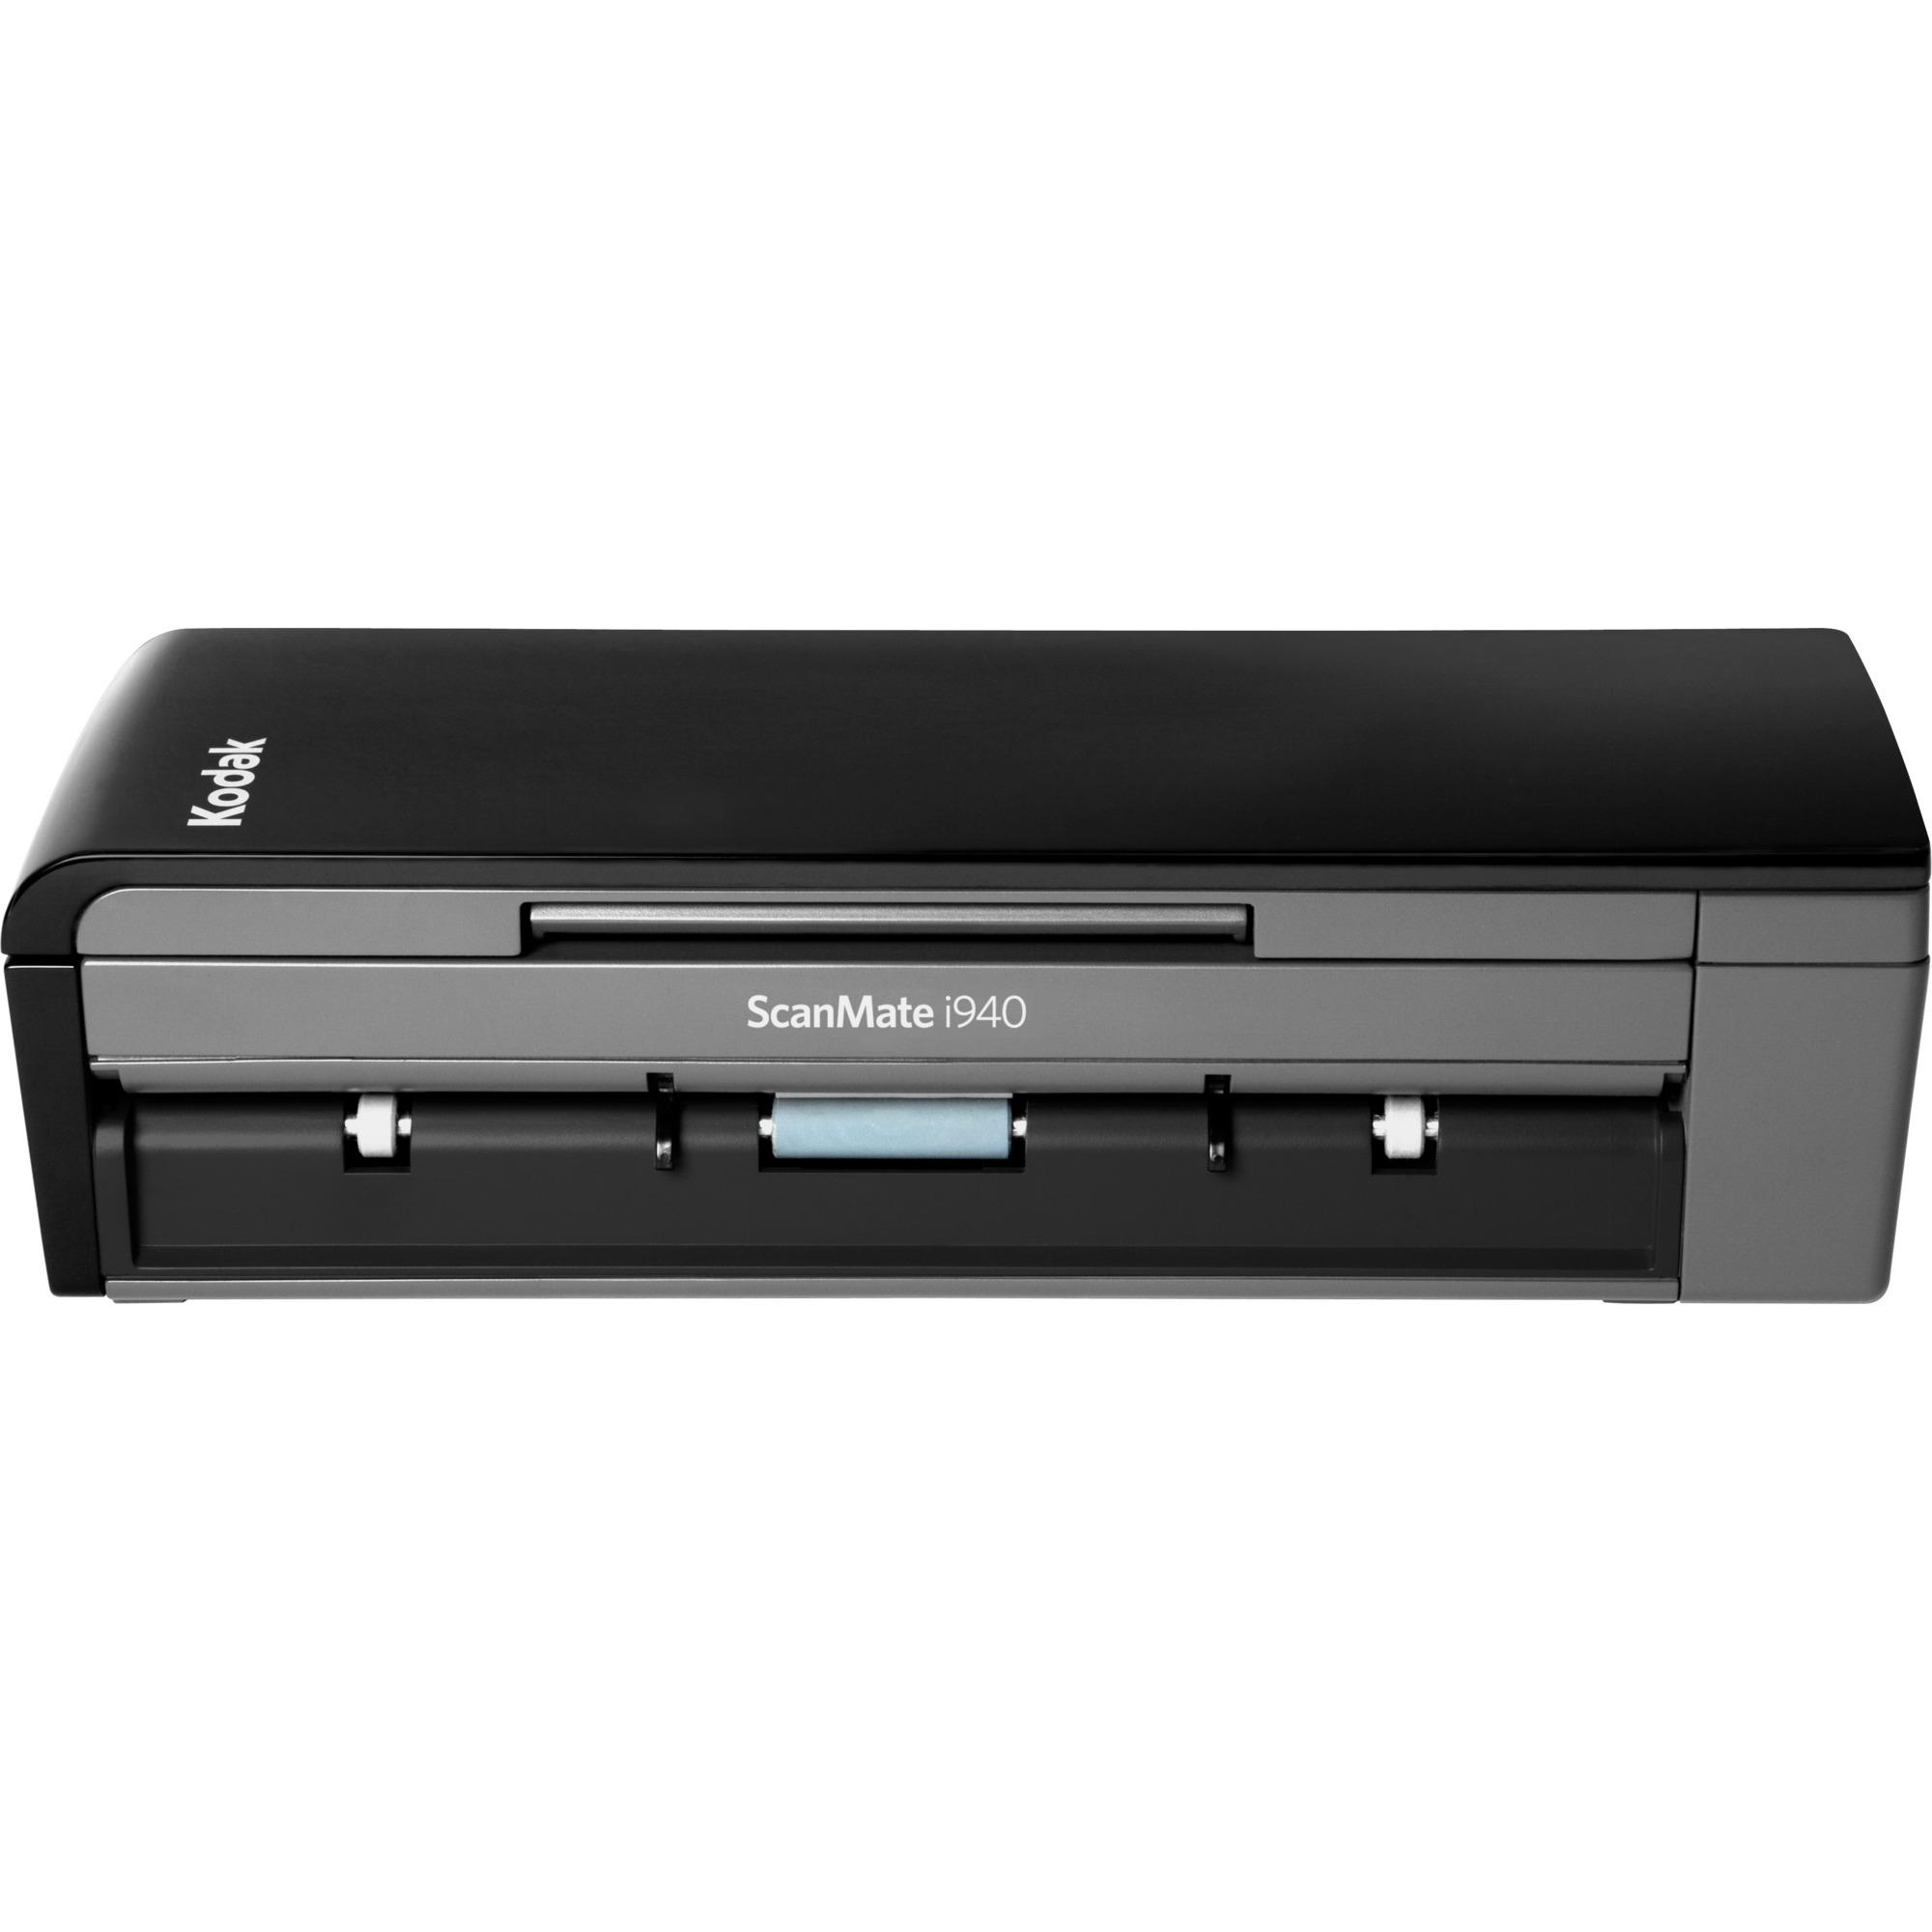 ScanMate i940 Scanner Escáner con alimentador automático de documentos (ADF) 600 x 600DPI A4 Negro, Gris, Escáner de alimentación de hojas